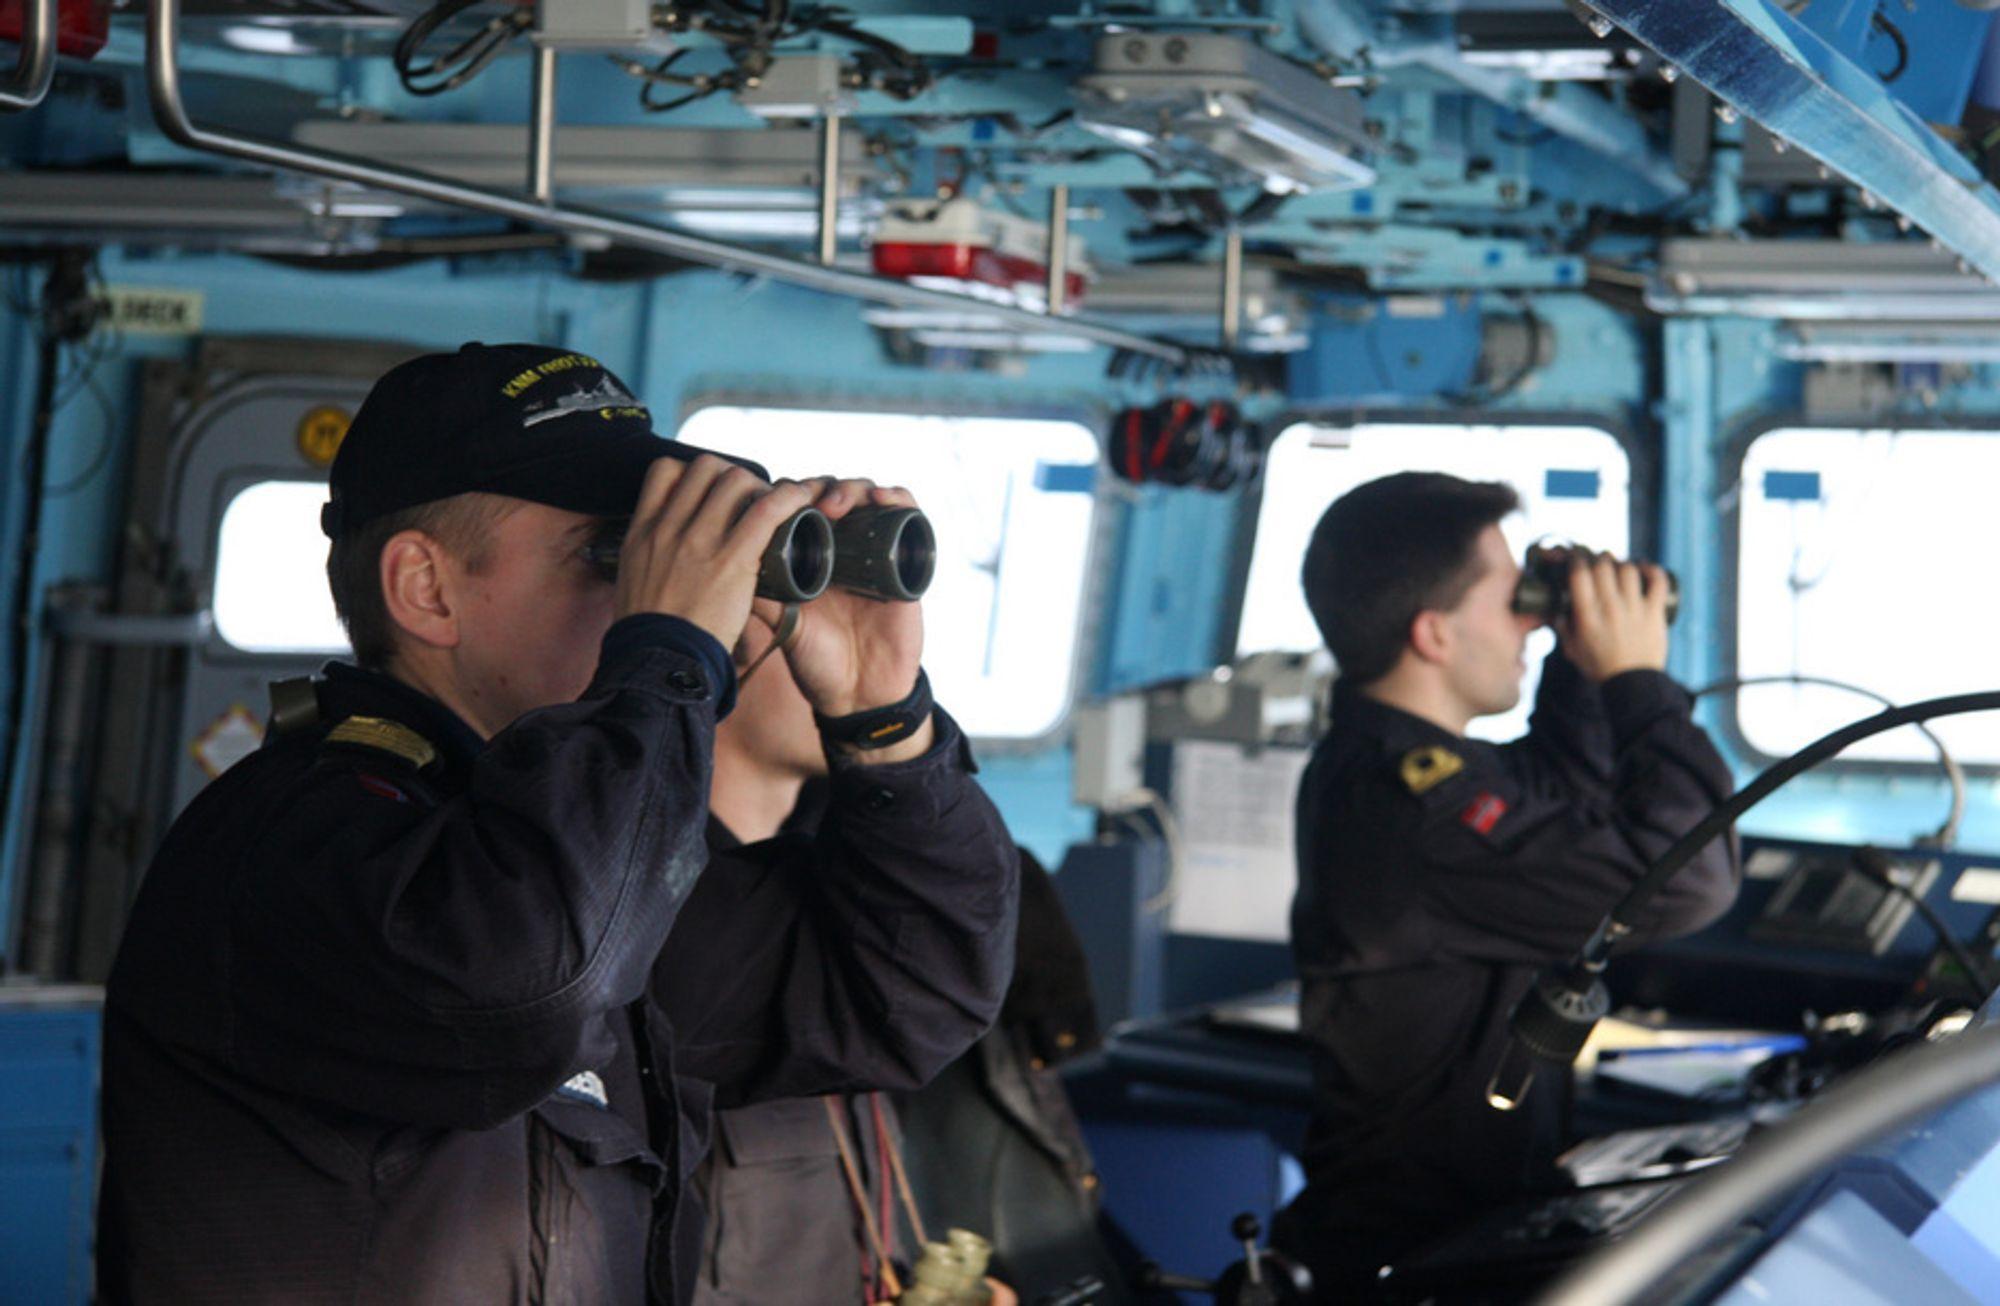 KIKKERT: Fregattene har avanserte navigasjonssystemer, men kikkertene blir fortsatt flittig brukt av kapteinløytnant Stig Sigdestad og resten av mannskapet.